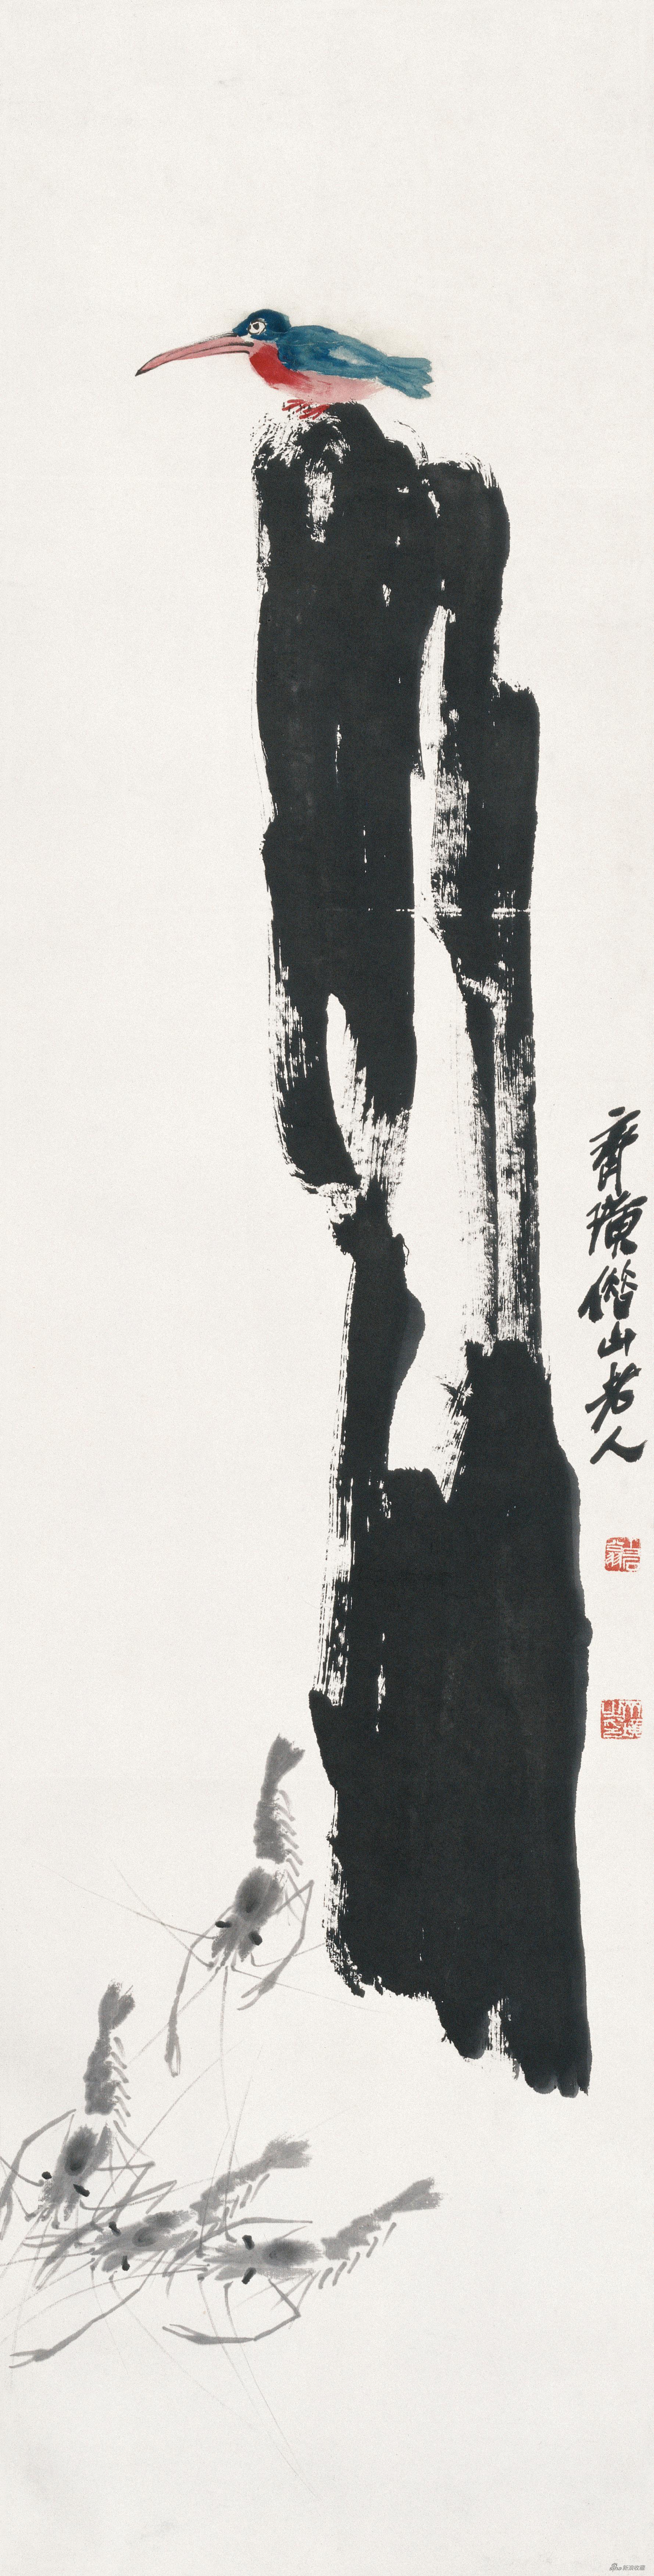 翠鸟大虾 齐白石 133cm×33.5cm 无年款 纸本设色 北京画院藏